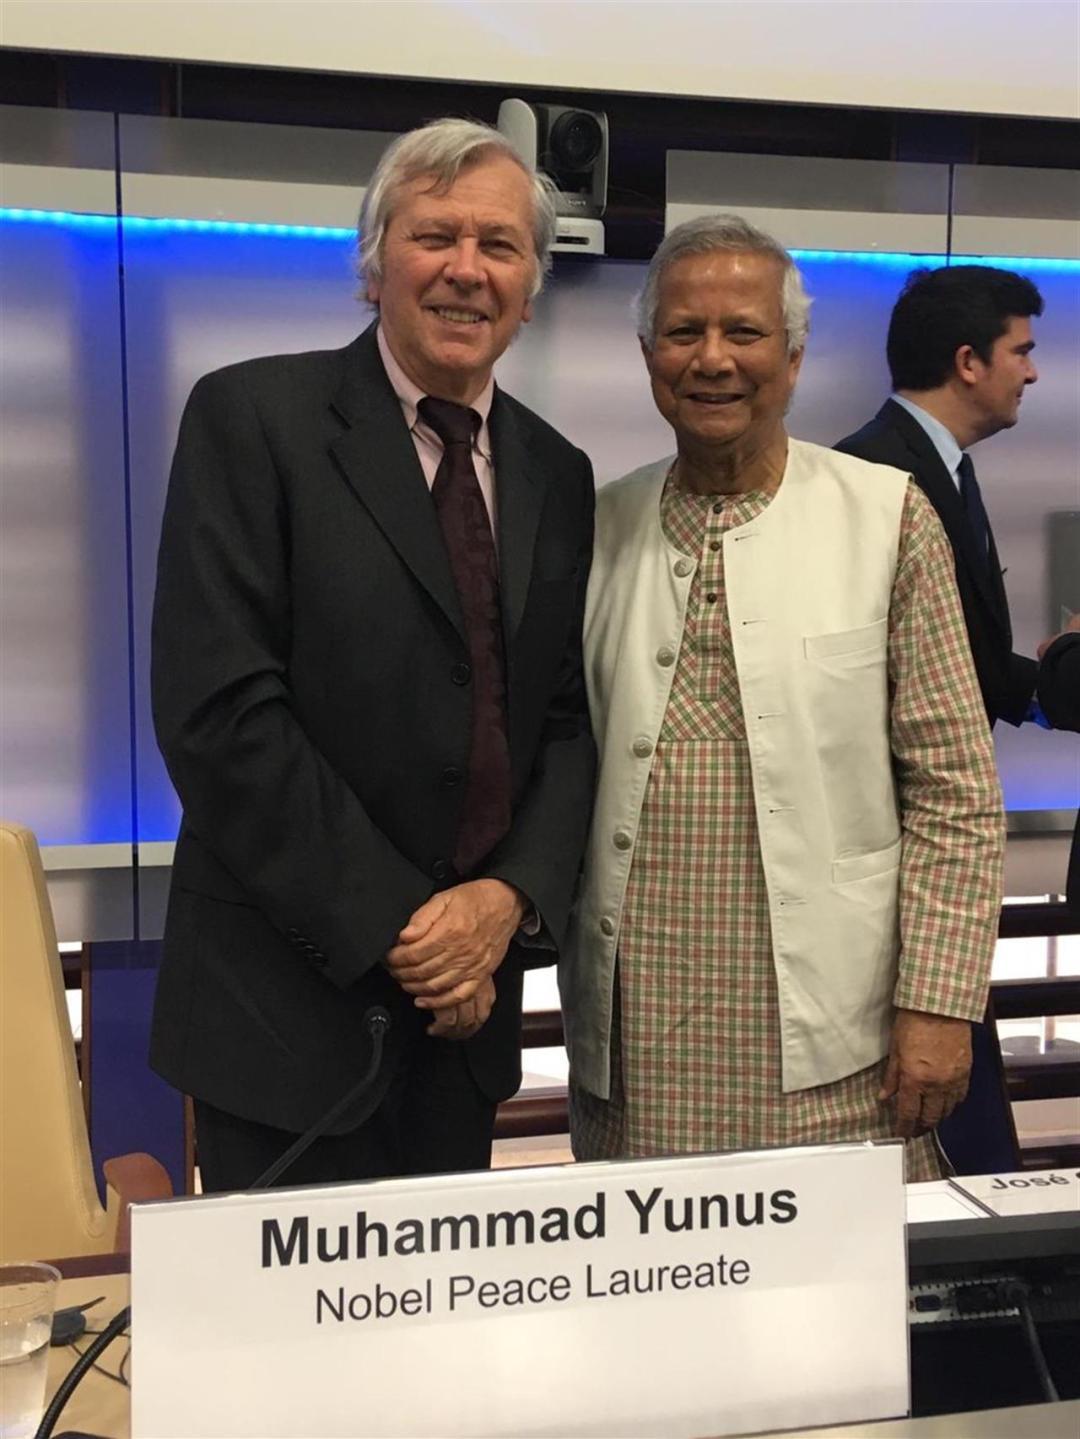 Ceravolo E Yunus